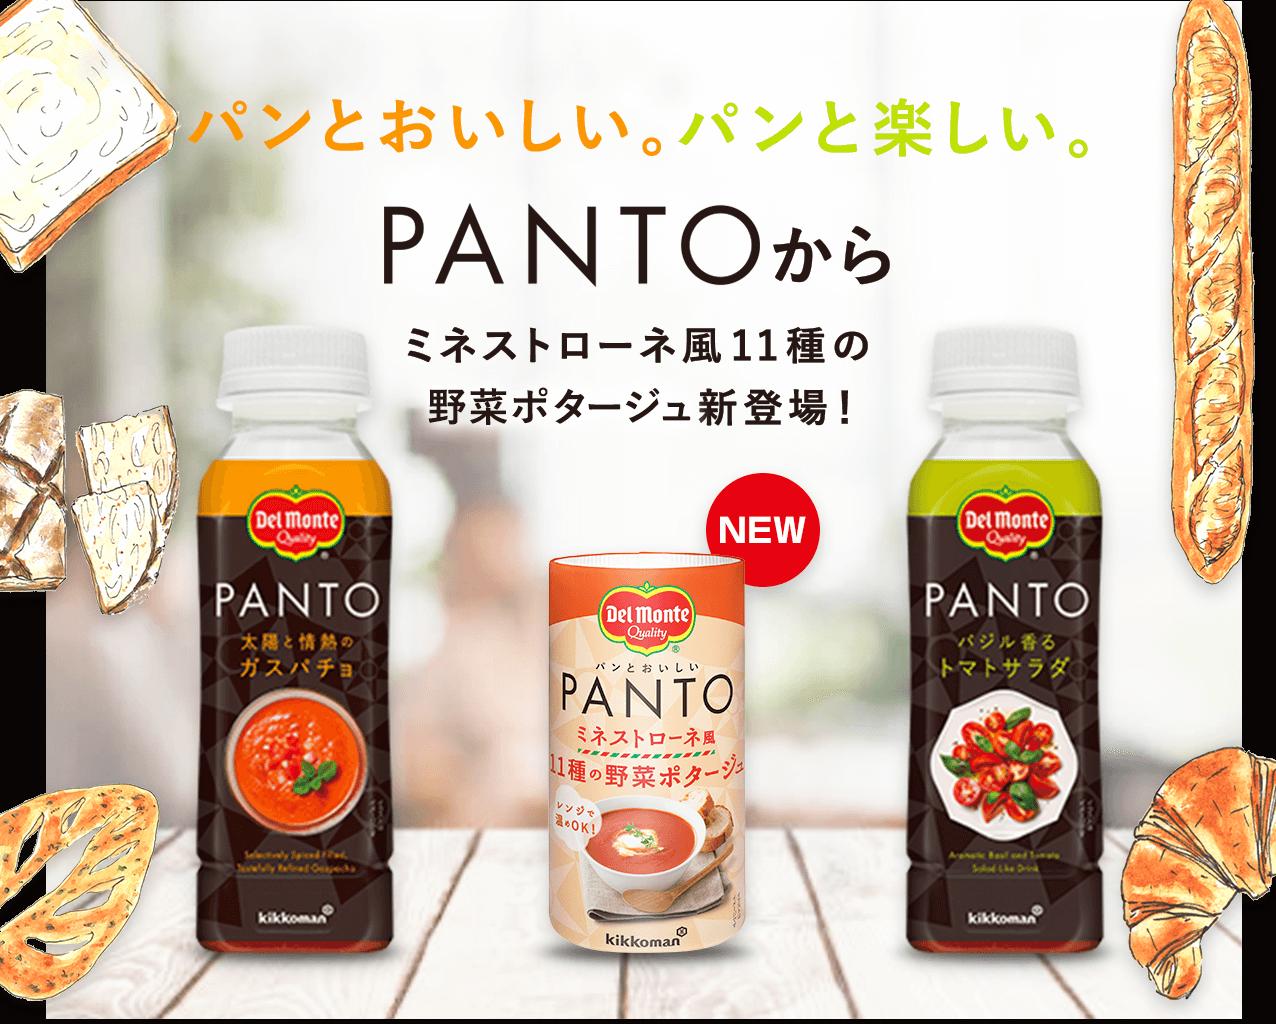 パンとおいしい。 パンと楽しい。 PANTOからミネストローネ風11種の野菜ポタージュ新登場!